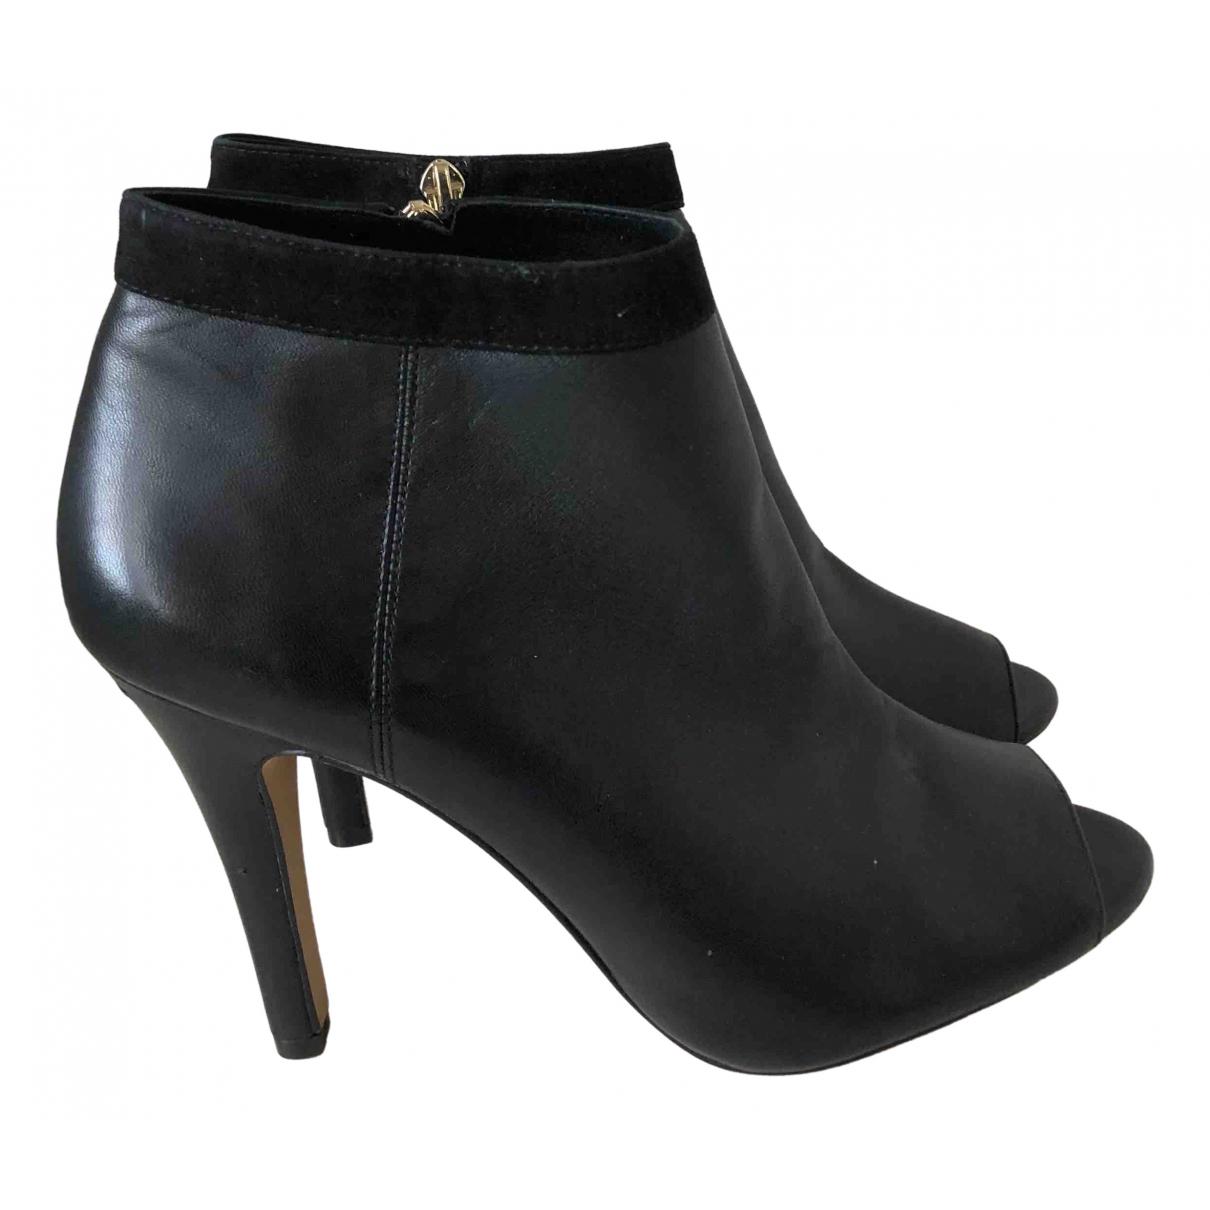 Vince Camuto - Boots   pour femme en cuir - noir